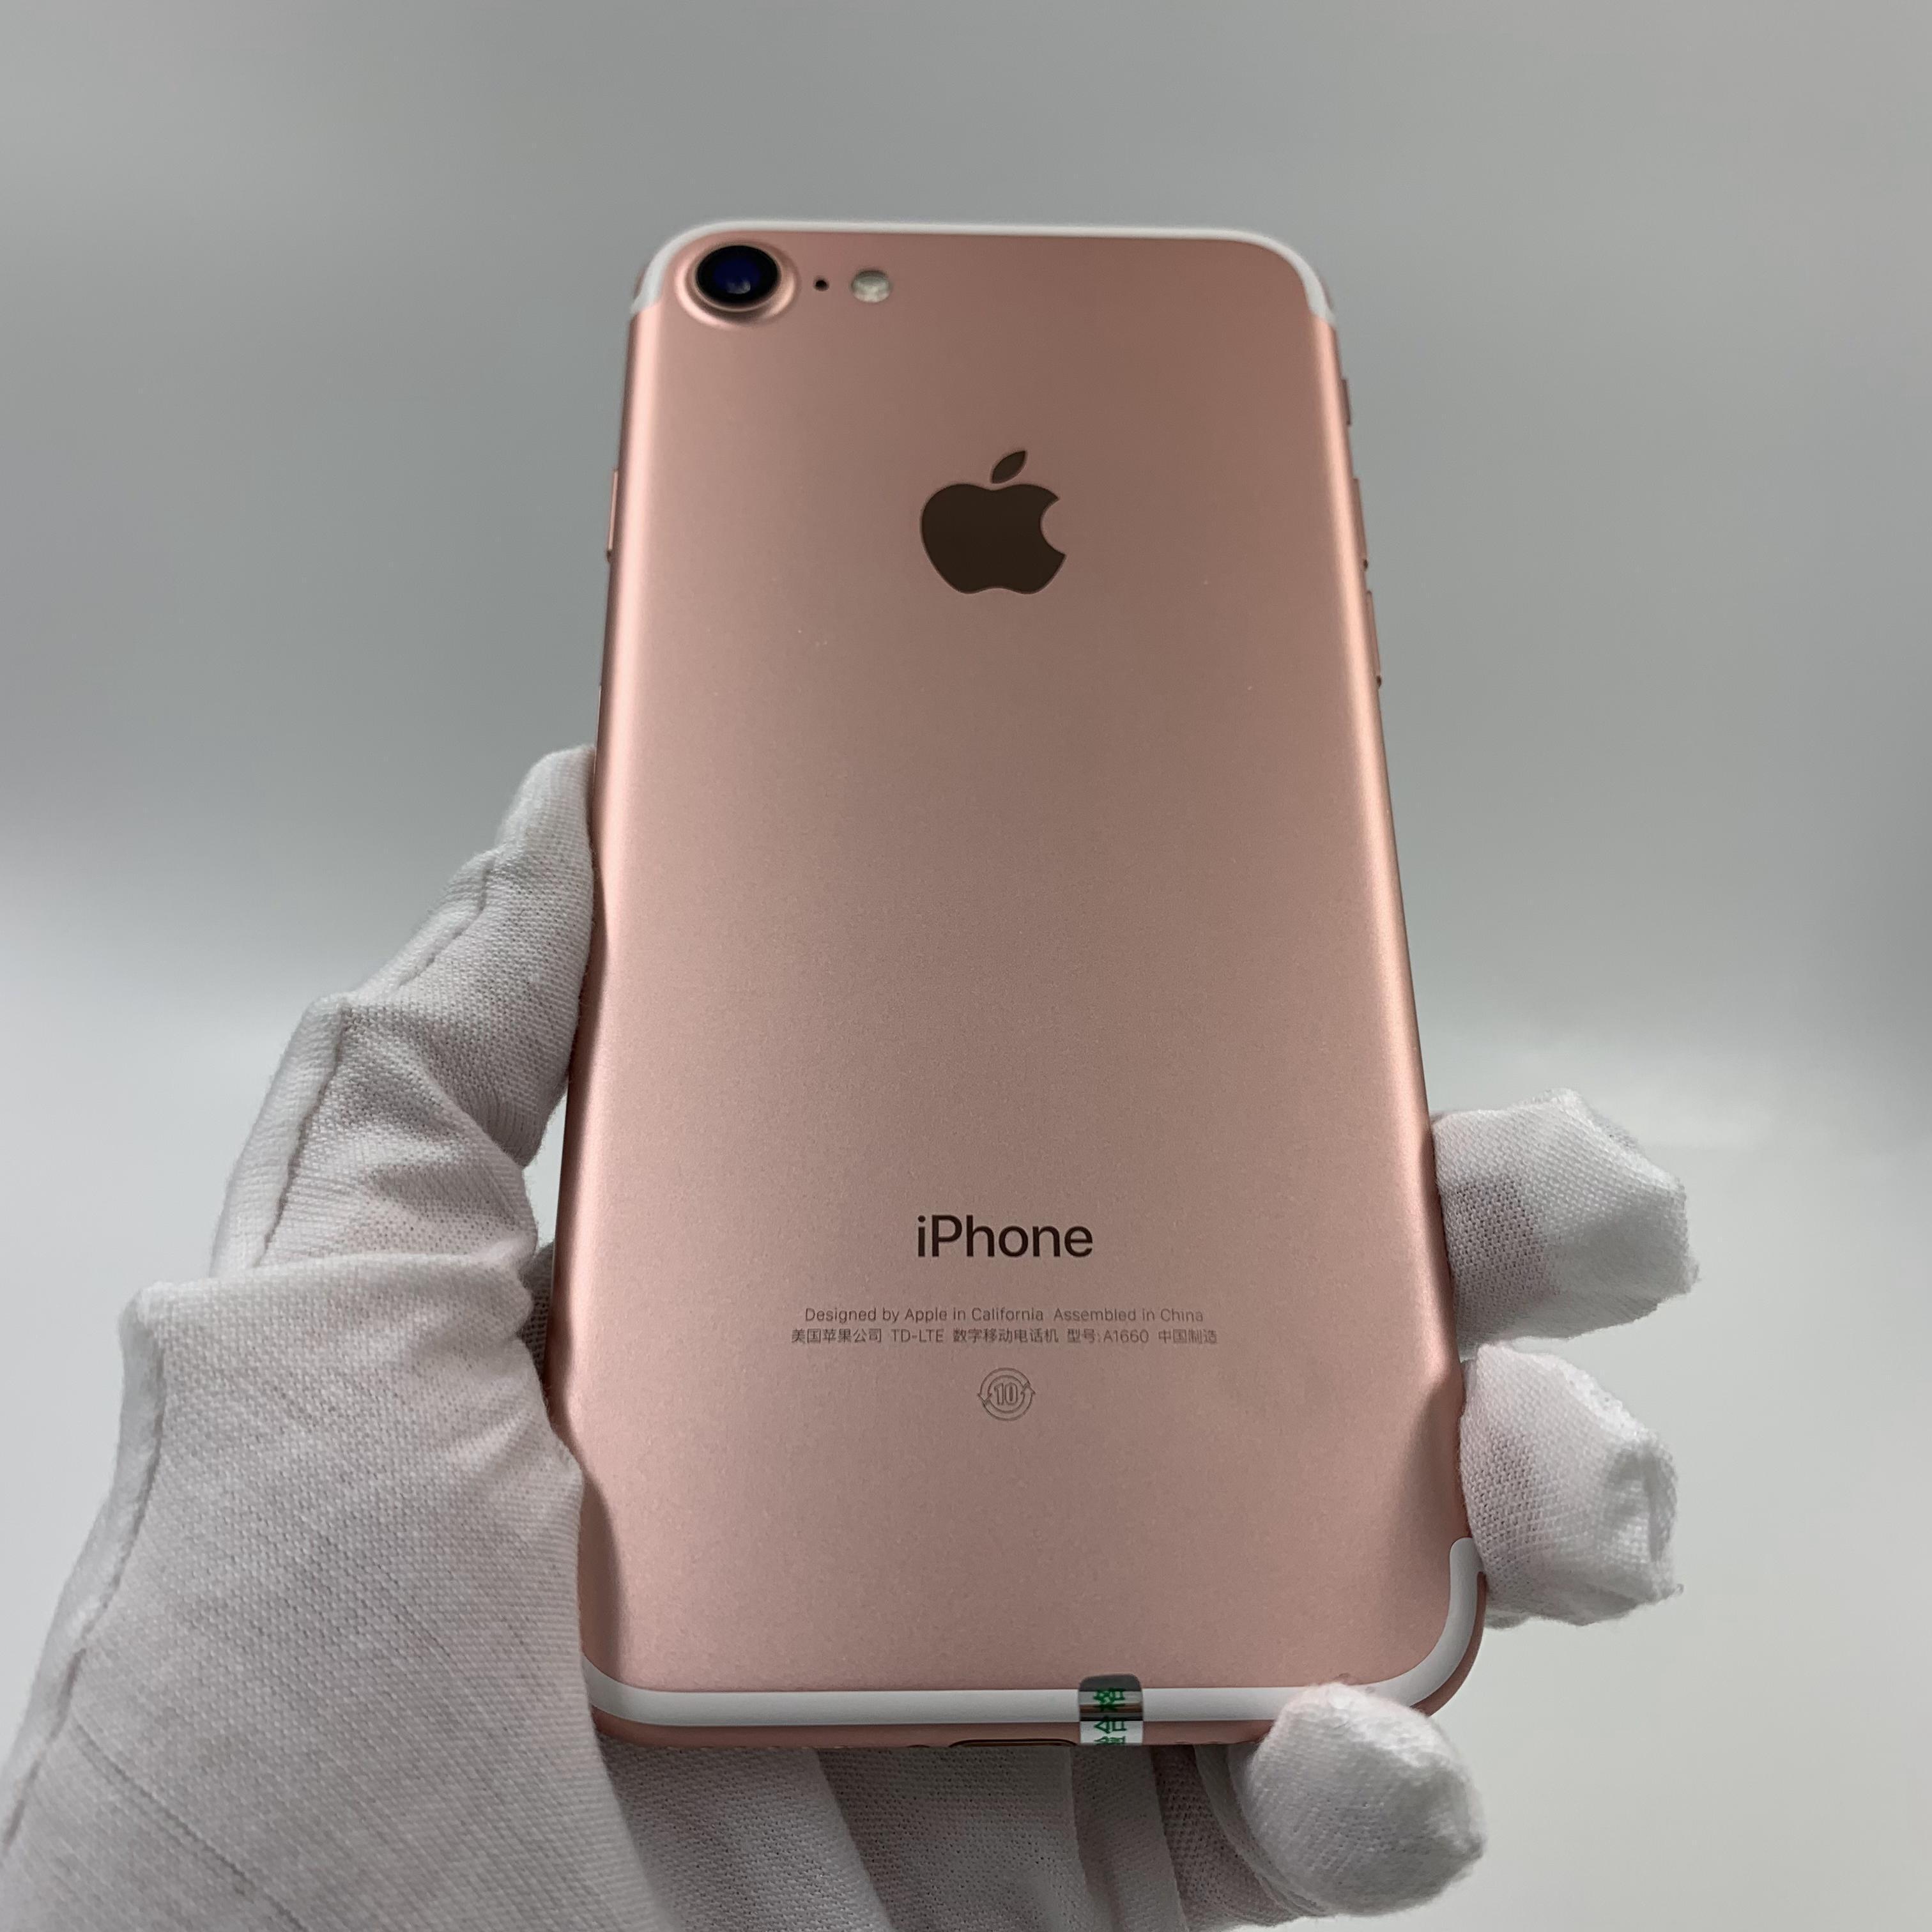 苹果【iPhone 7】4G全网通 玫瑰金 128G 国行 9成新 真机实拍